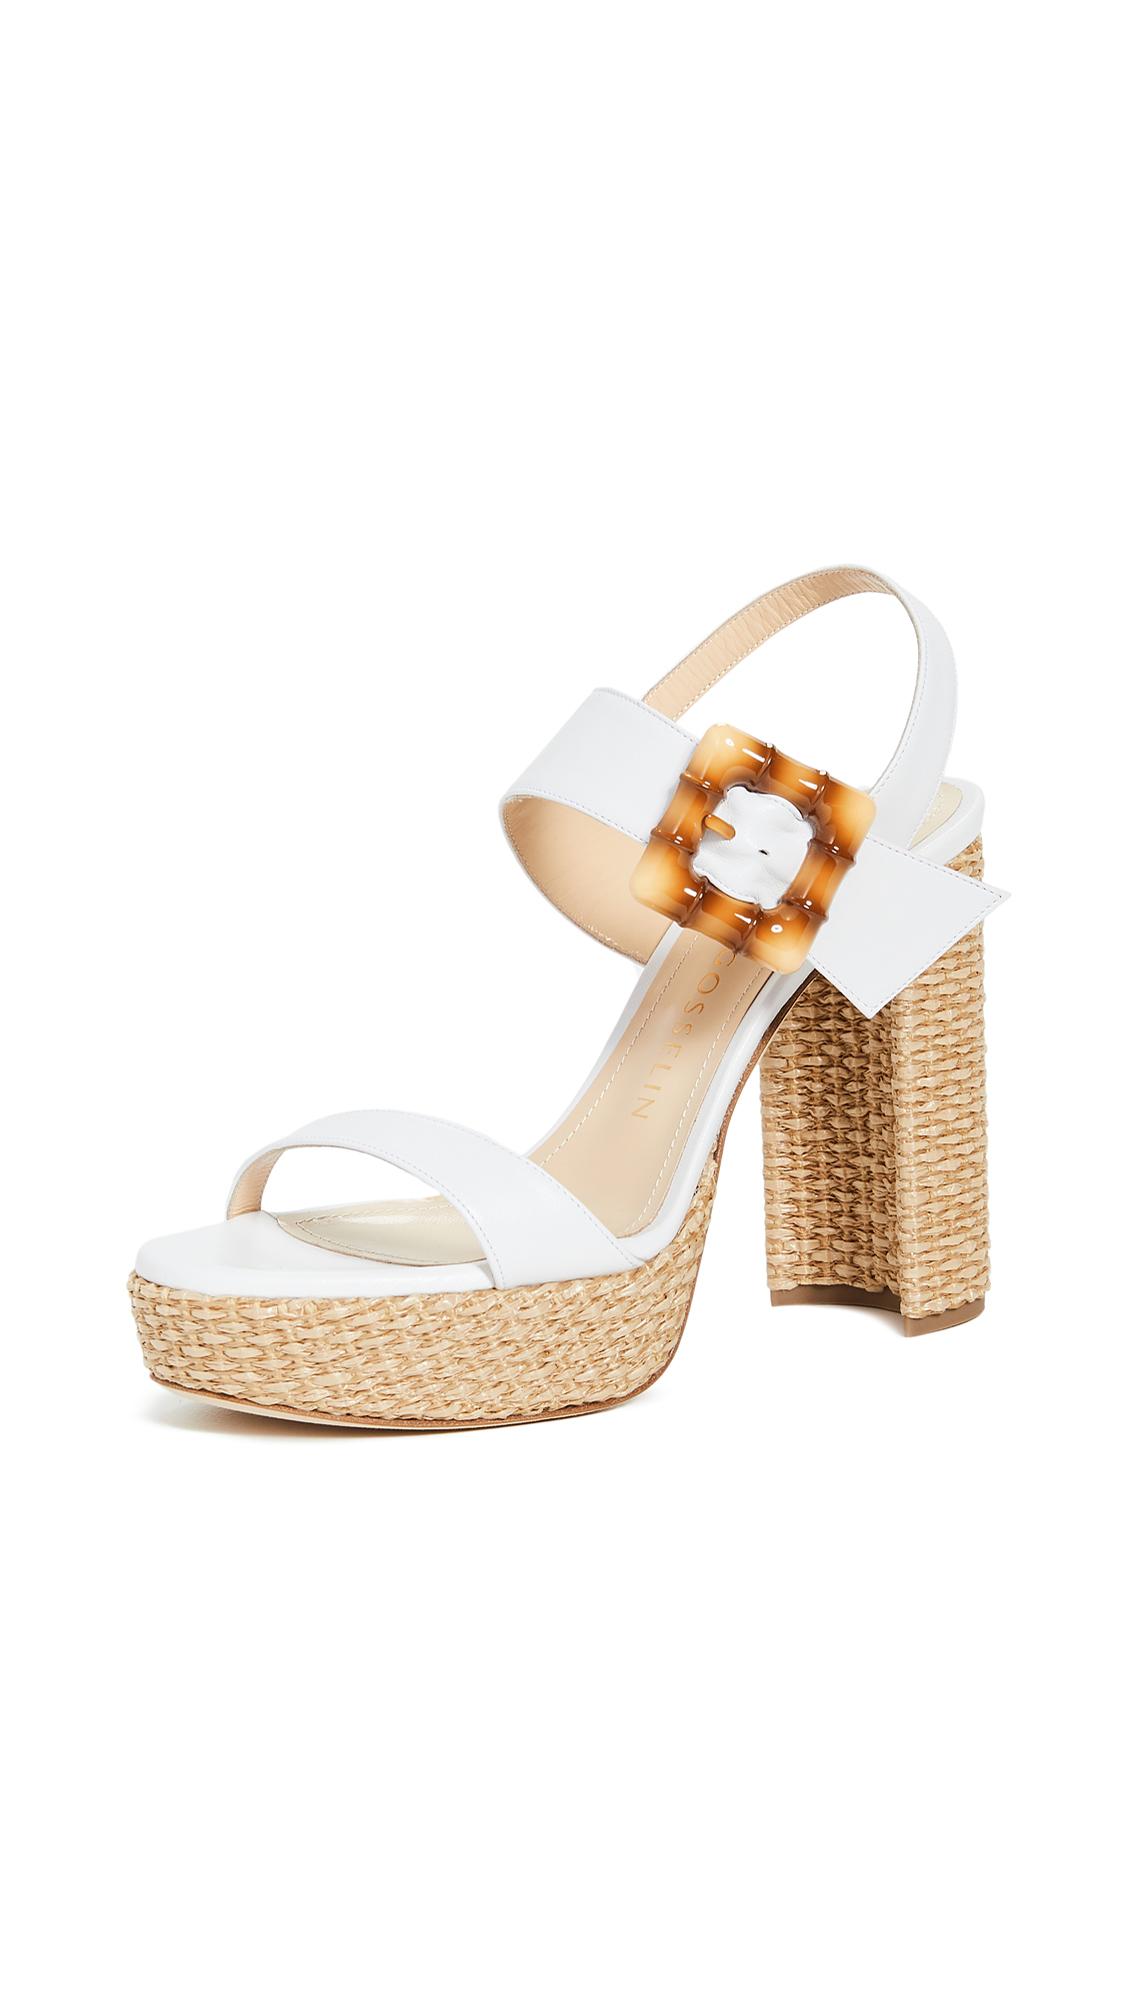 Buy Chloe Gosselin Amber Platform Sandals online, shop Chloe Gosselin